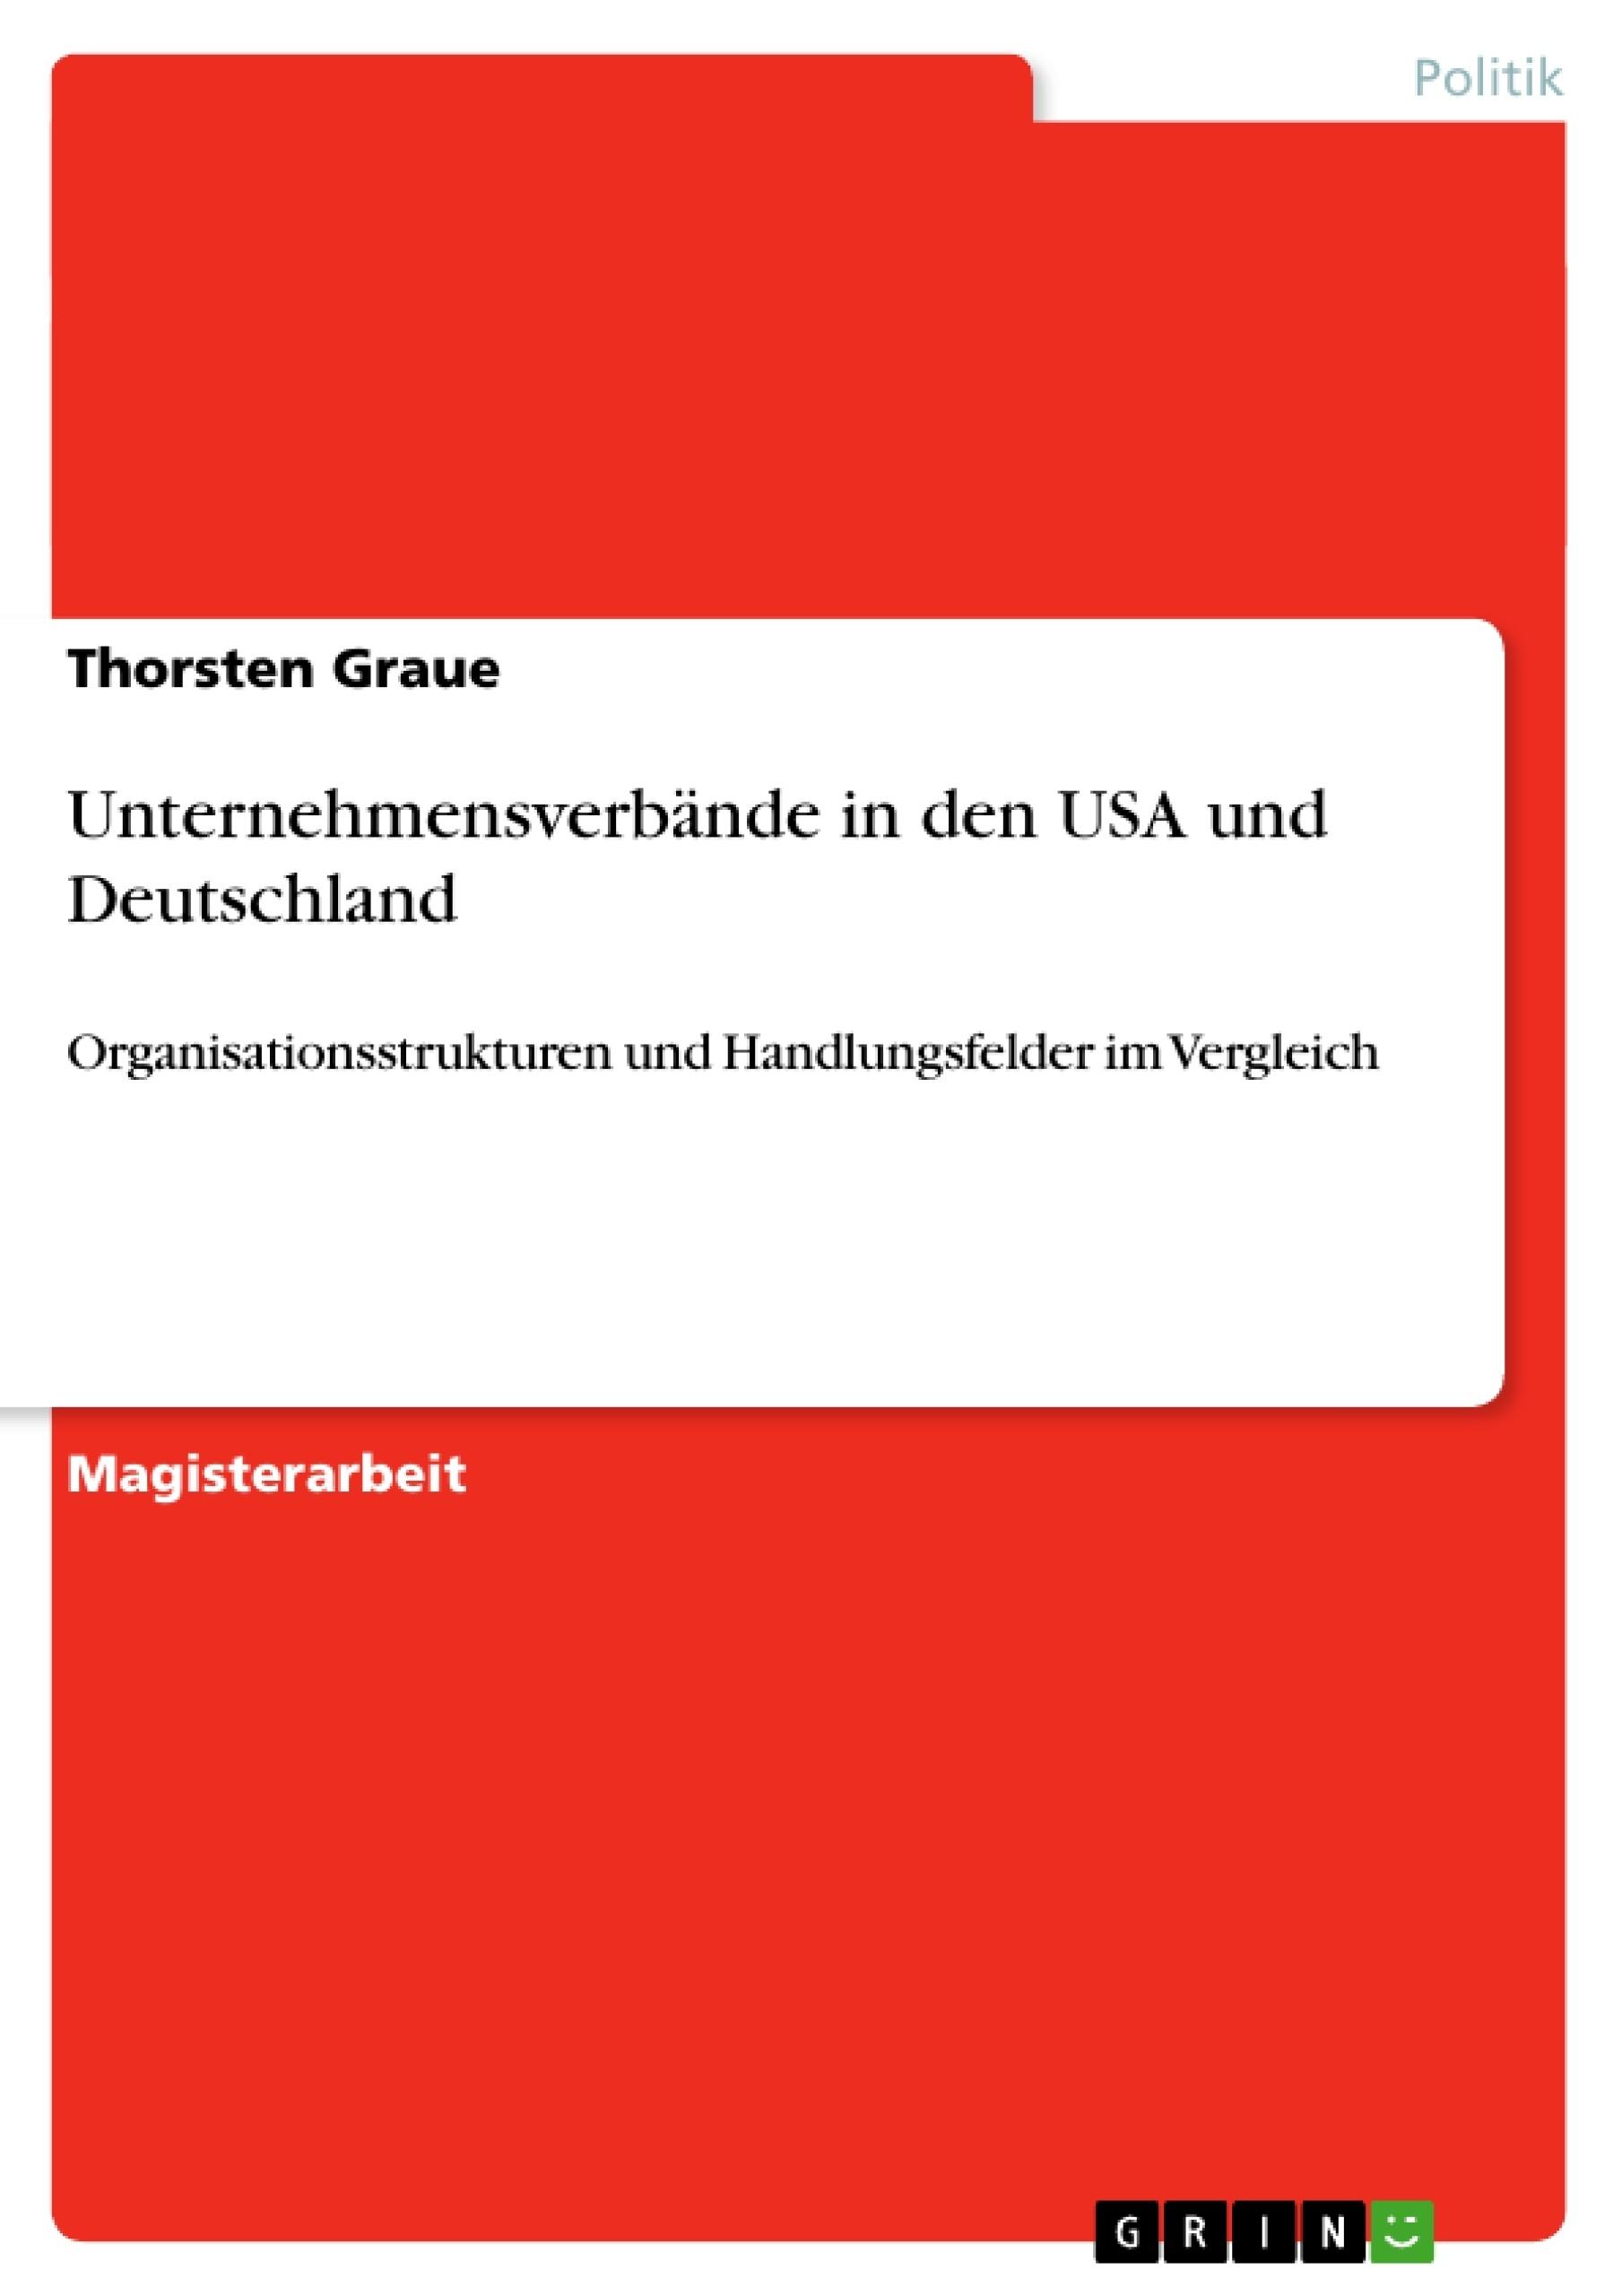 Titel: Unternehmensverbände in den USA und Deutschland